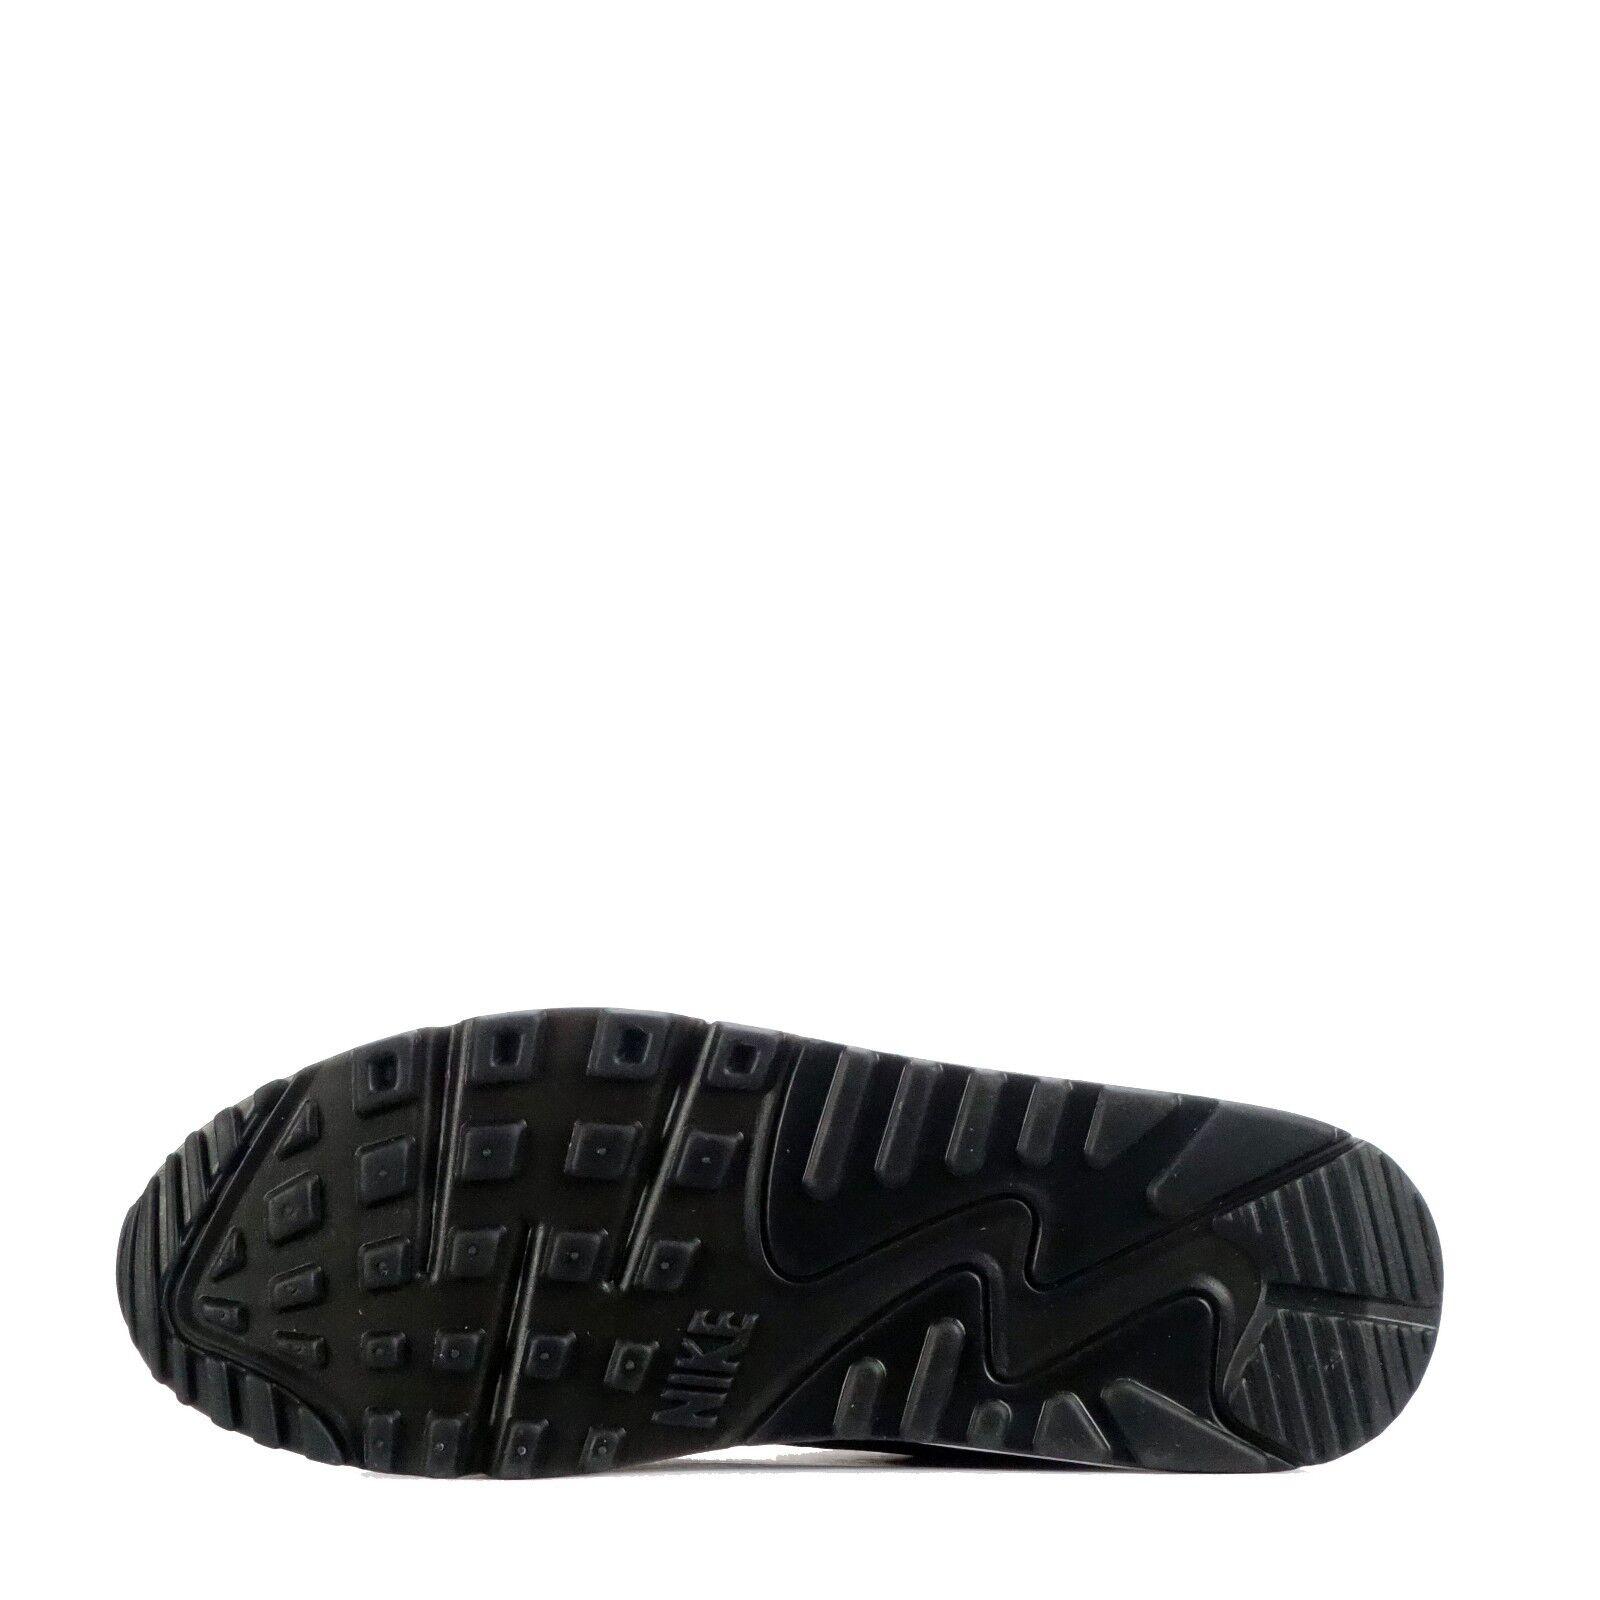 Nike air air air max 90 ns gpx grande logo degli uomini in nero in stile scarpe casual   Vari disegni attuali    Uomini/Donna Scarpa  245b44